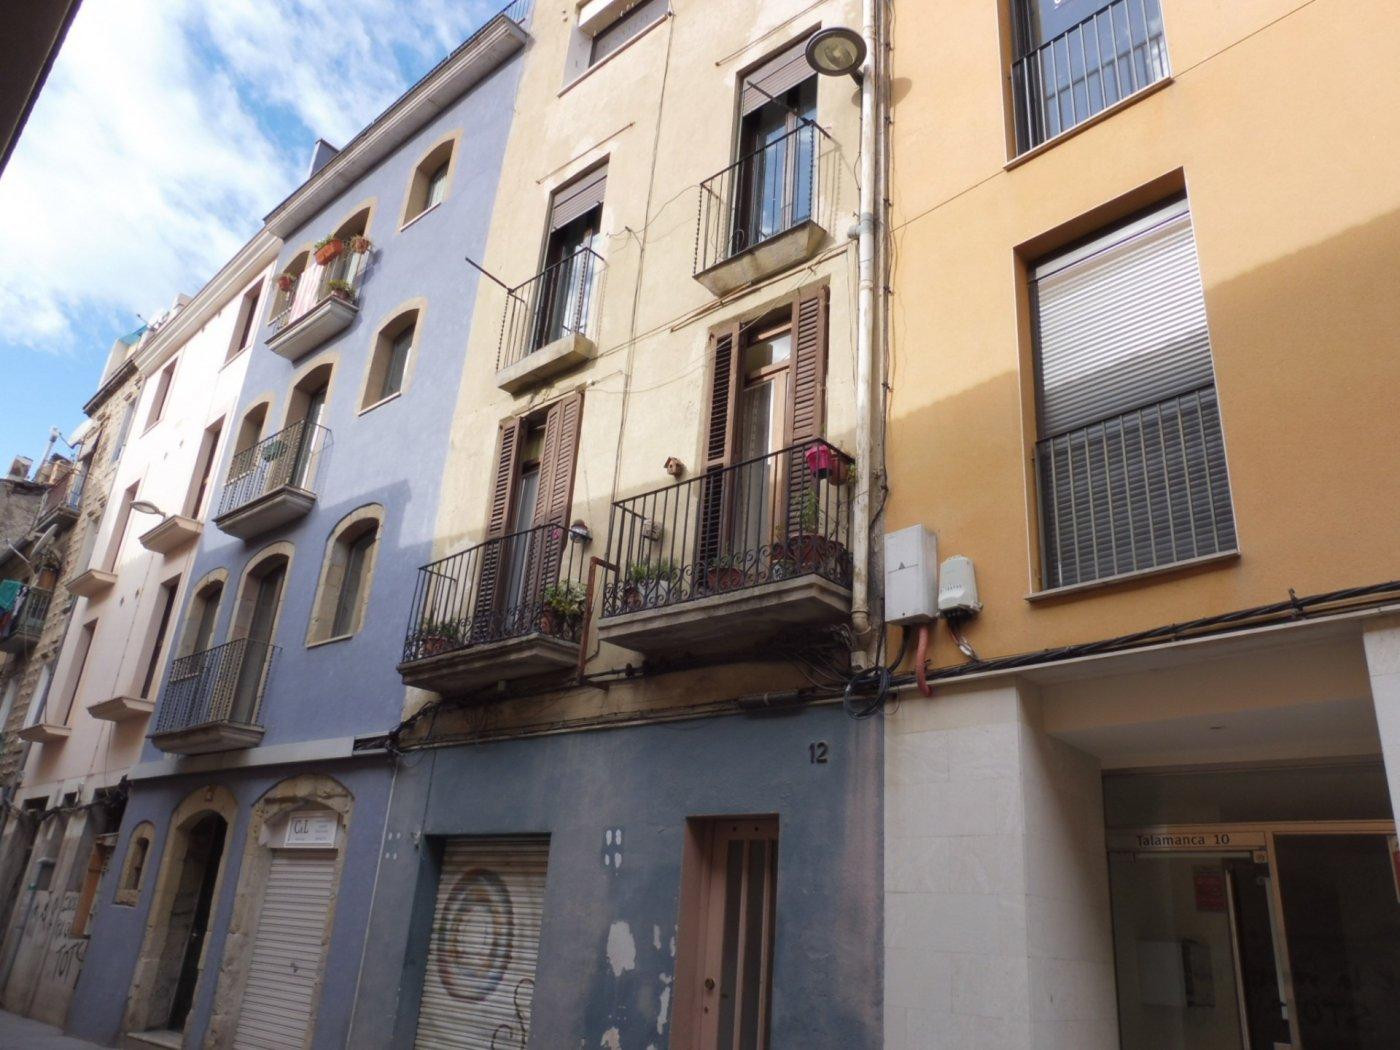 Edifici en venda a Manresa - c/ Talamanca